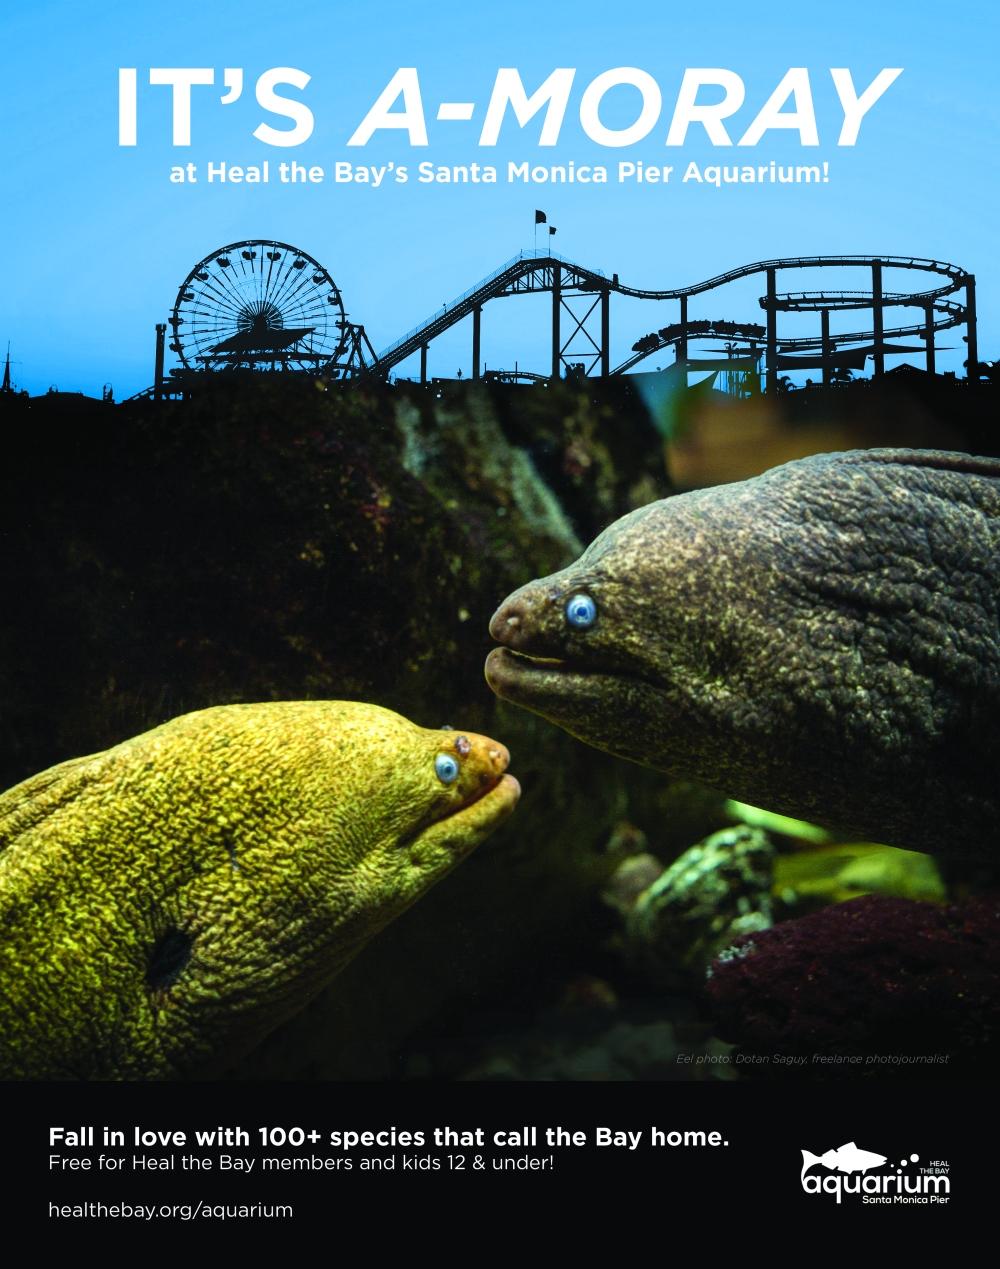 moray-eel-arg-ad-fv.jpg